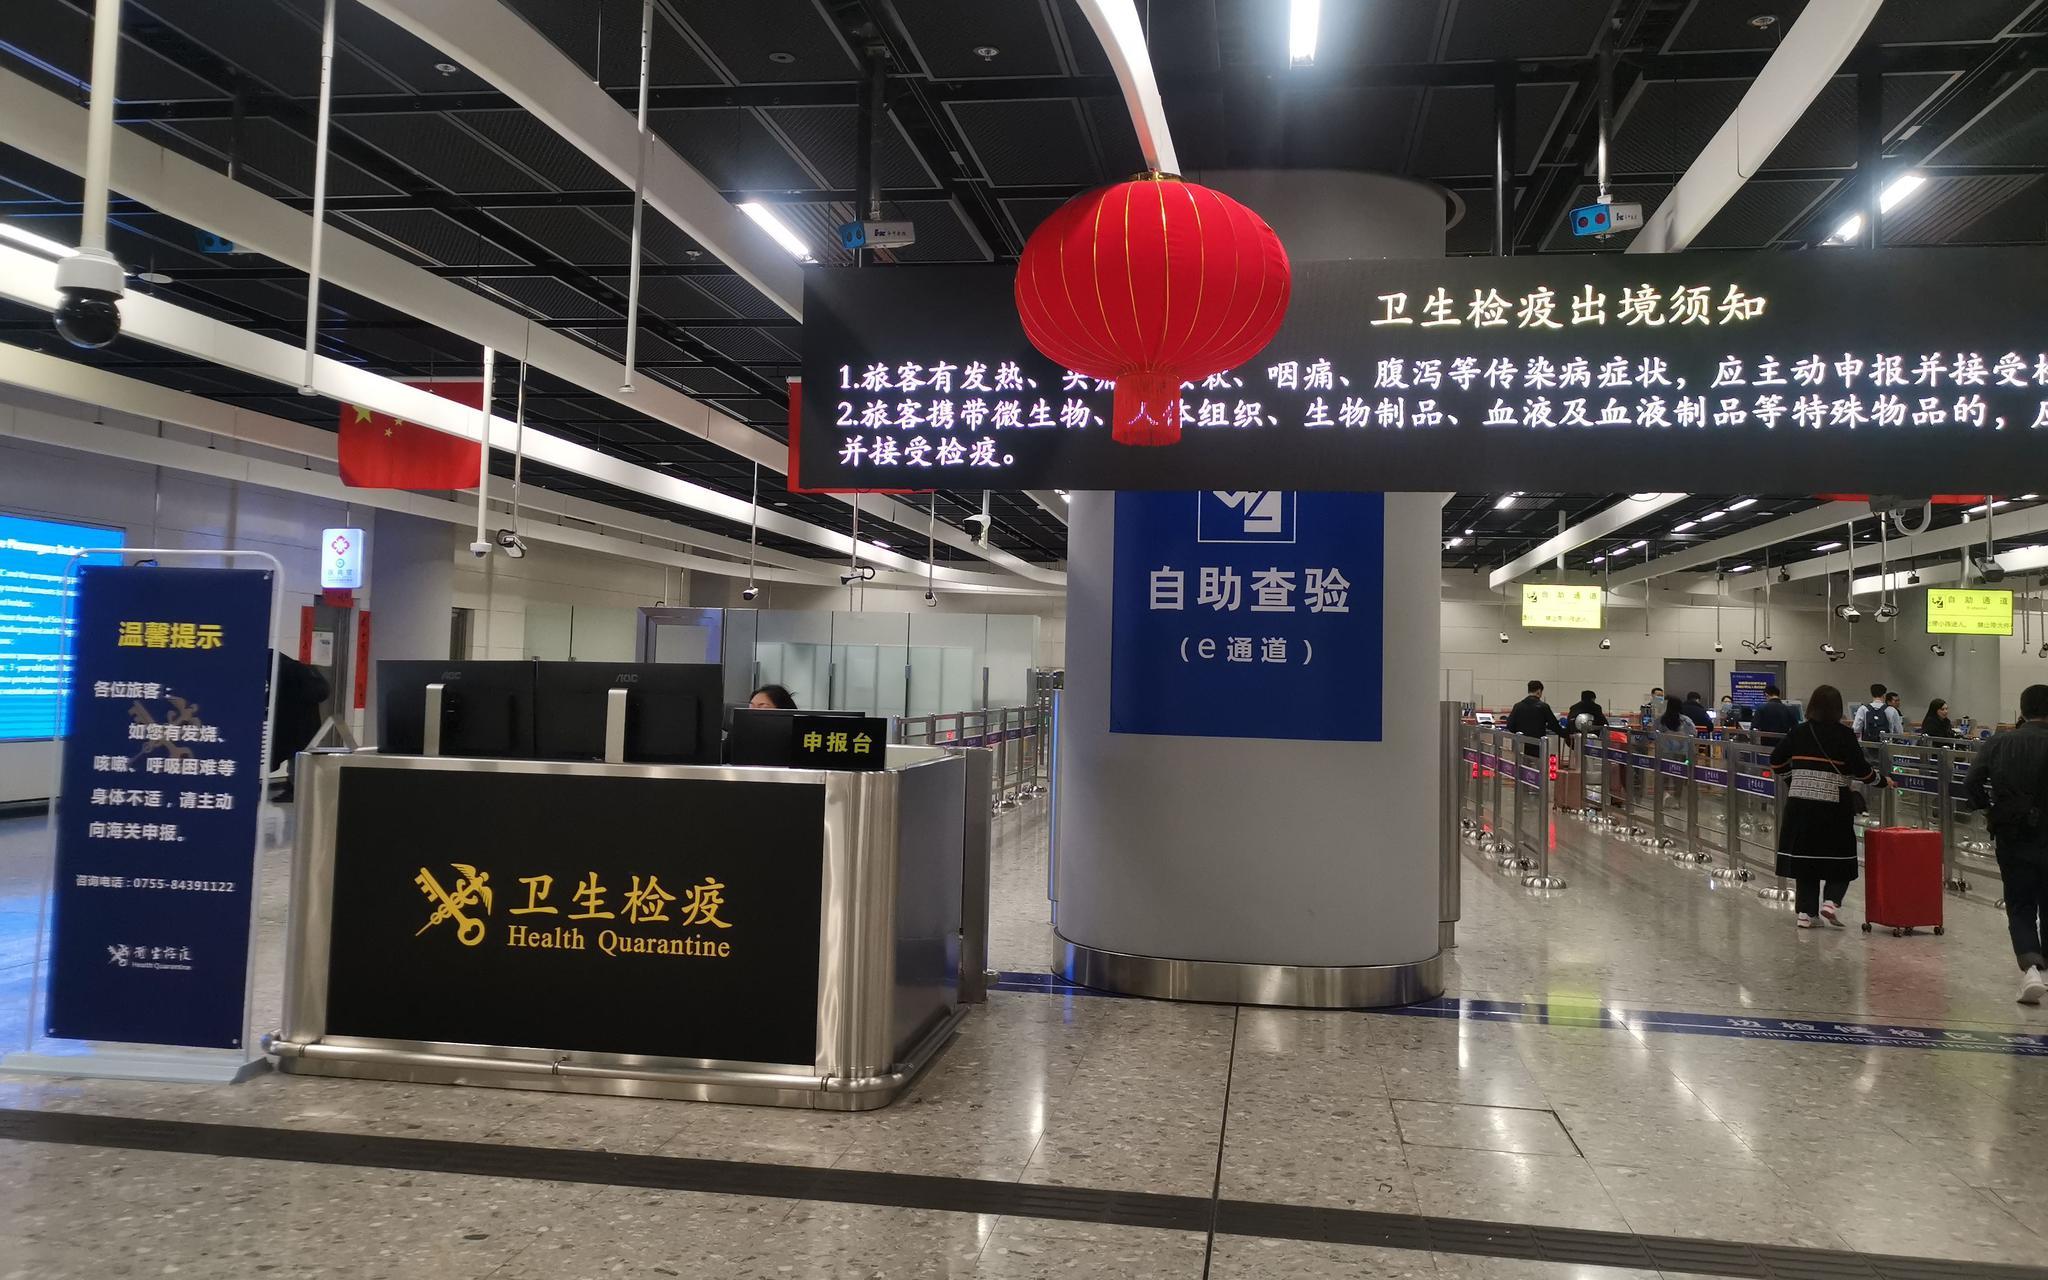 香港在西九龙高铁口岸进行入境体温筛查